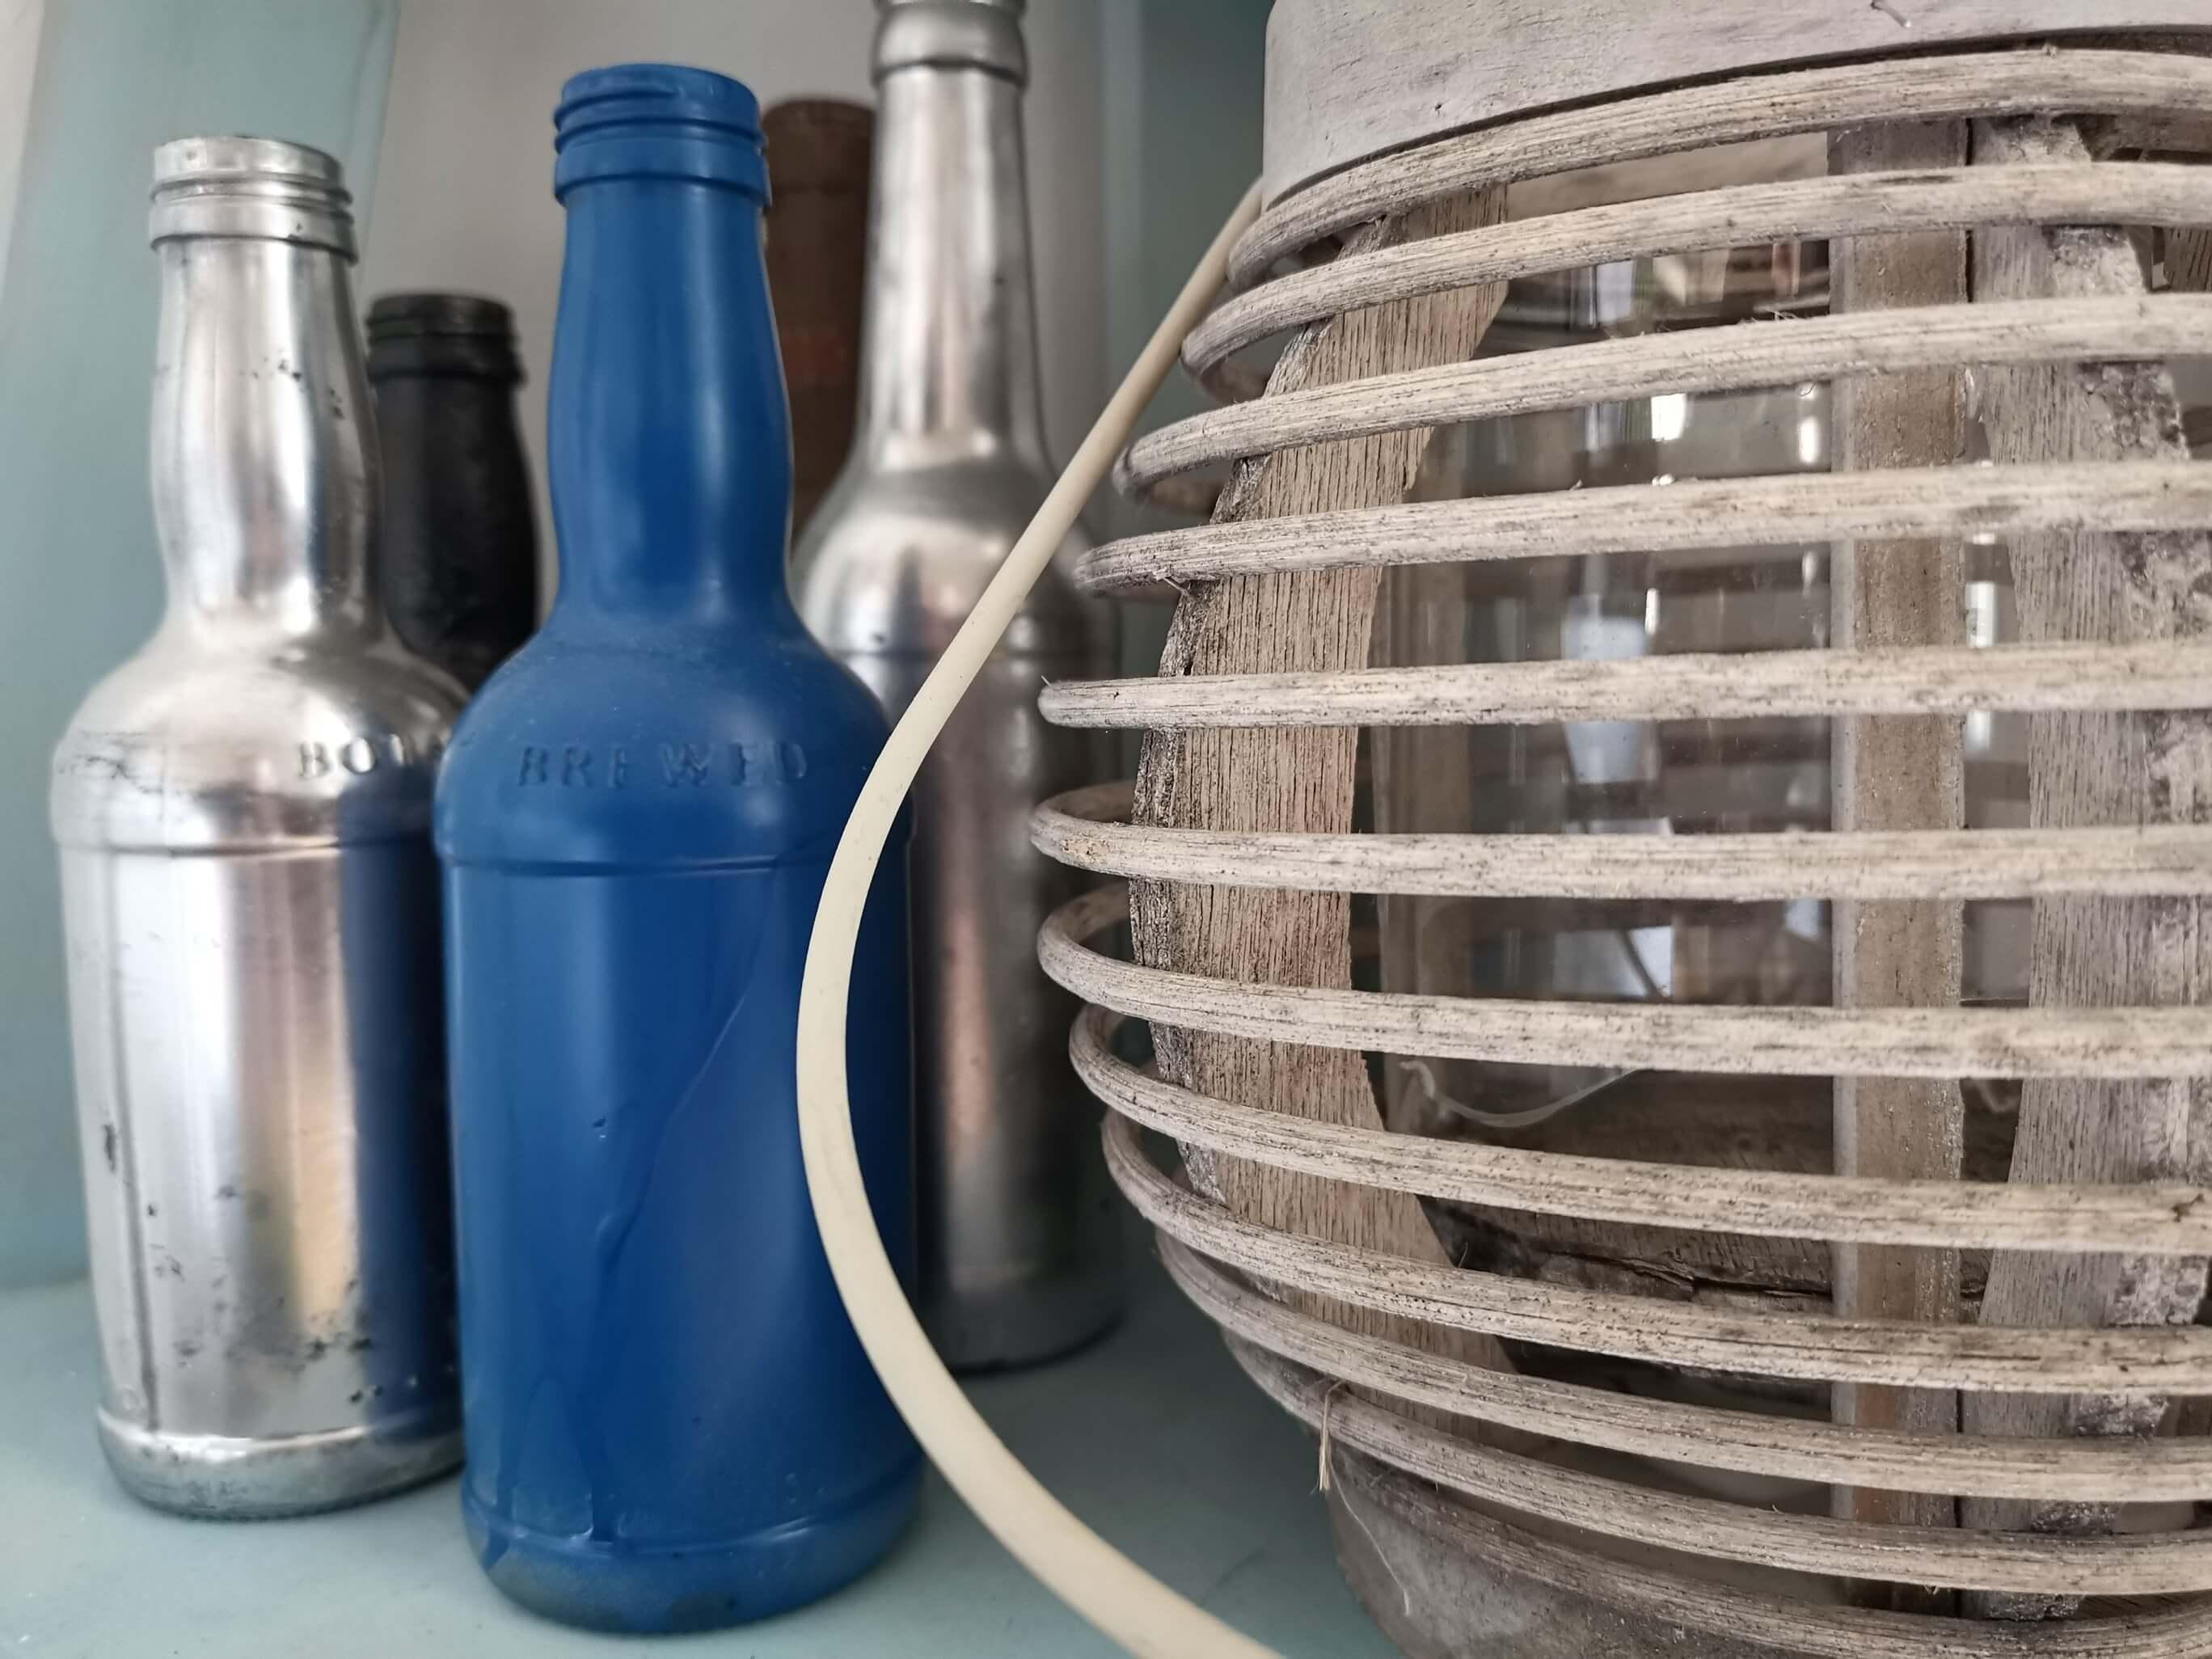 IMG 20190501 182047 resized 20190501 062156502 1 - Deko aus Müll: 5 Recycling-Ideen für ein schöneres Zuhause